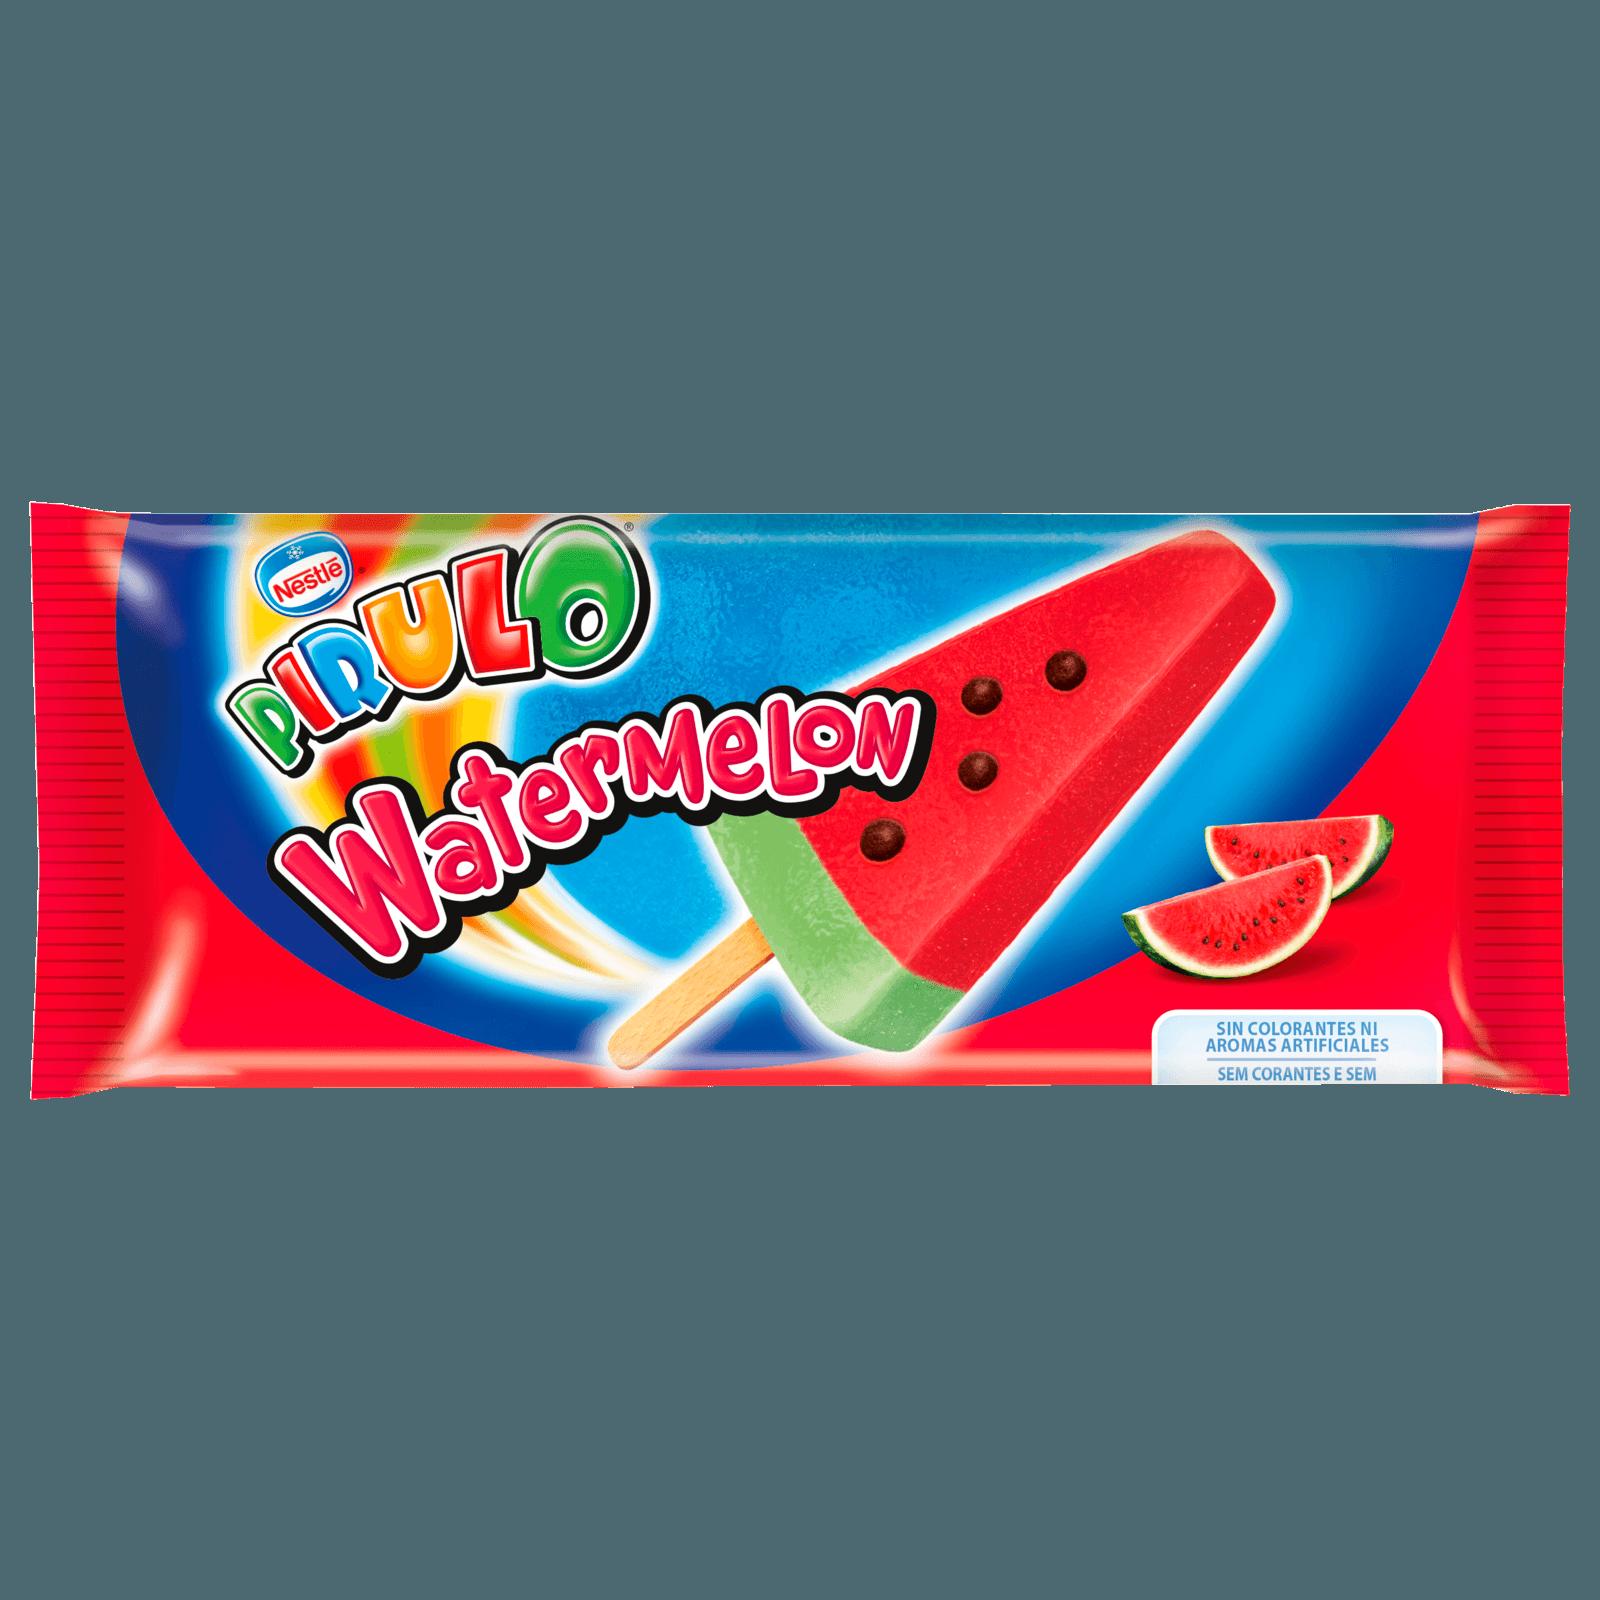 Nestle Schöller Pirulo Watermelon 73ml